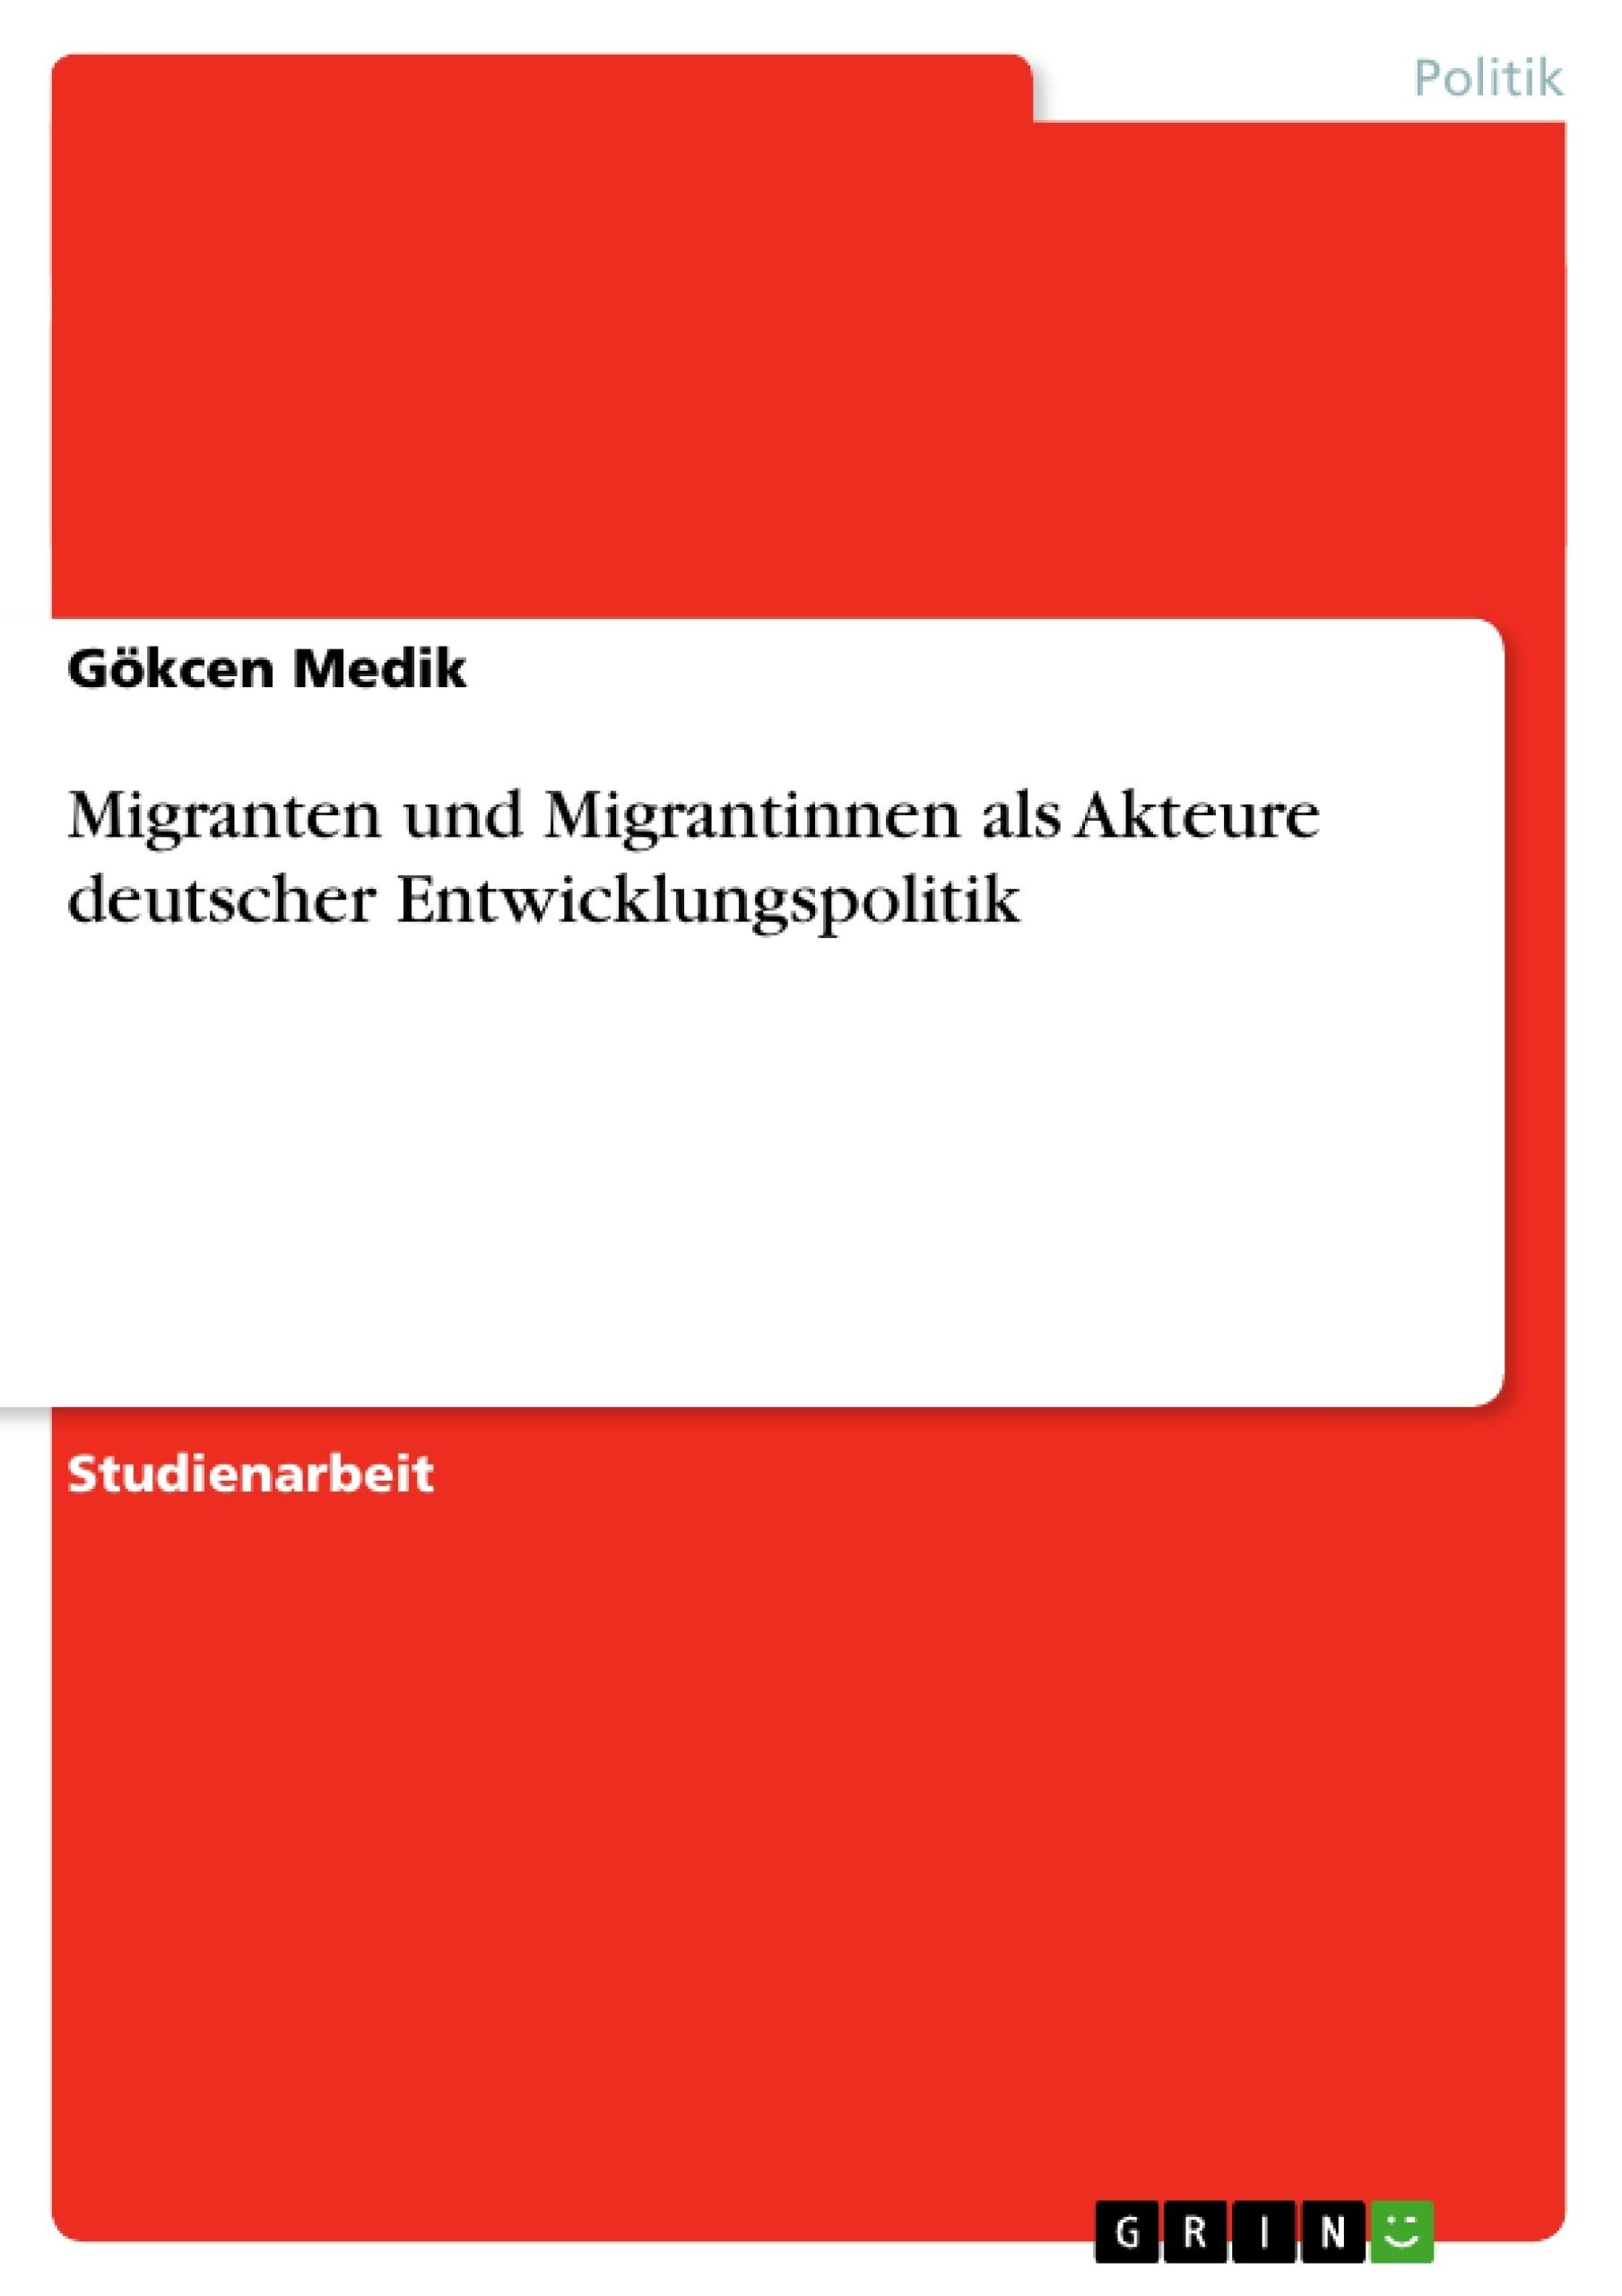 Titel: Migranten und Migrantinnen als Akteure deutscher Entwicklungspolitik